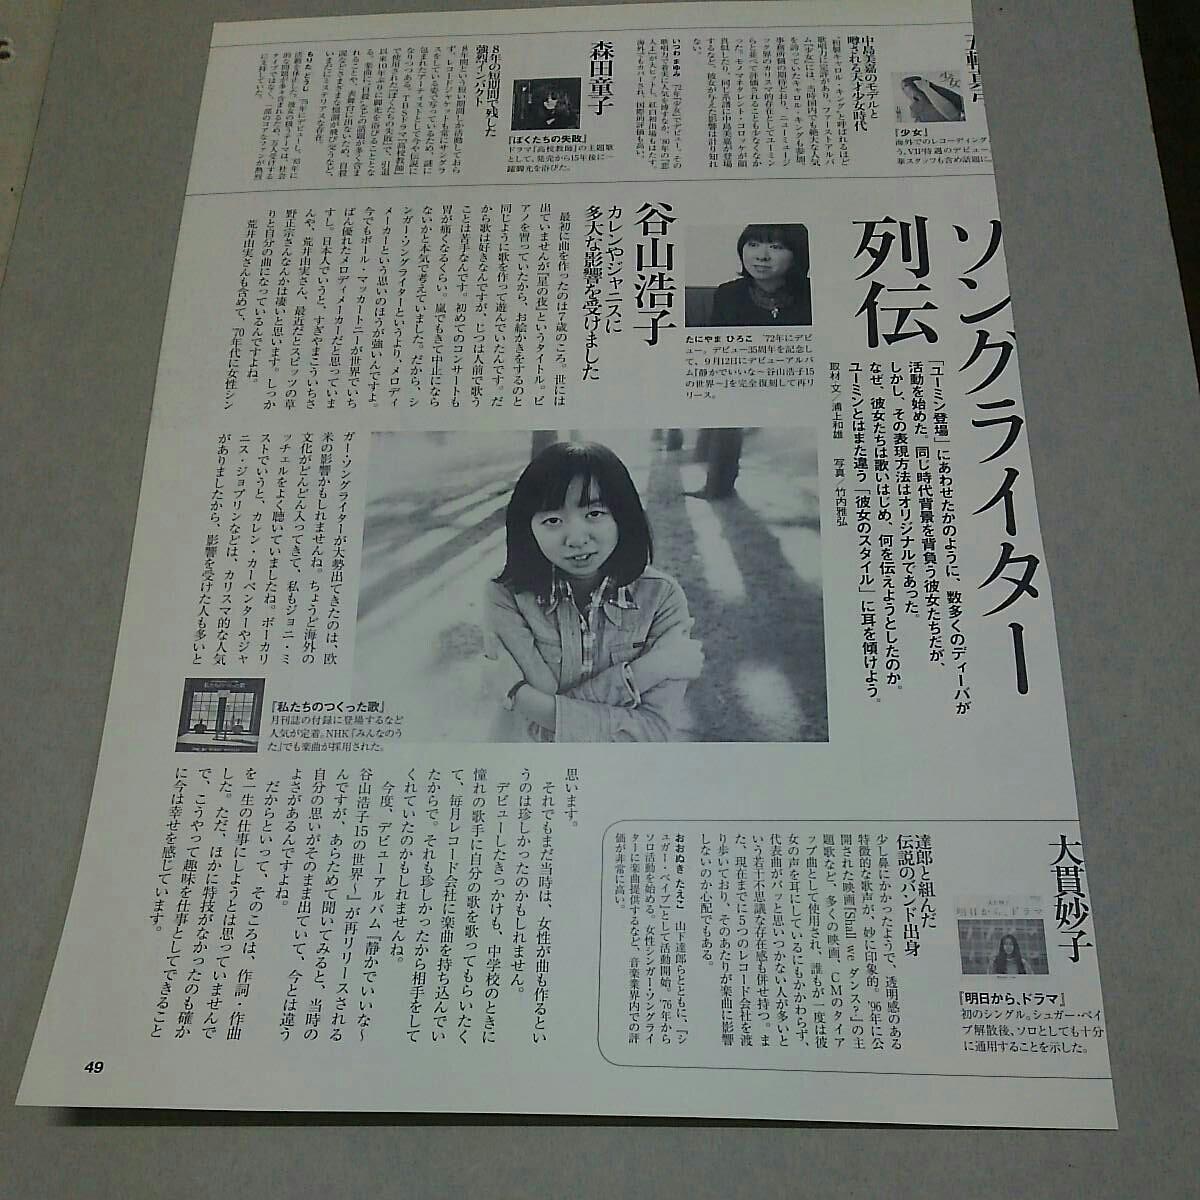 【激レア!!お宝!!大発掘写真記事70年代&現在!!◆谷山浩子◆切り抜き1P不世出一点物!!】